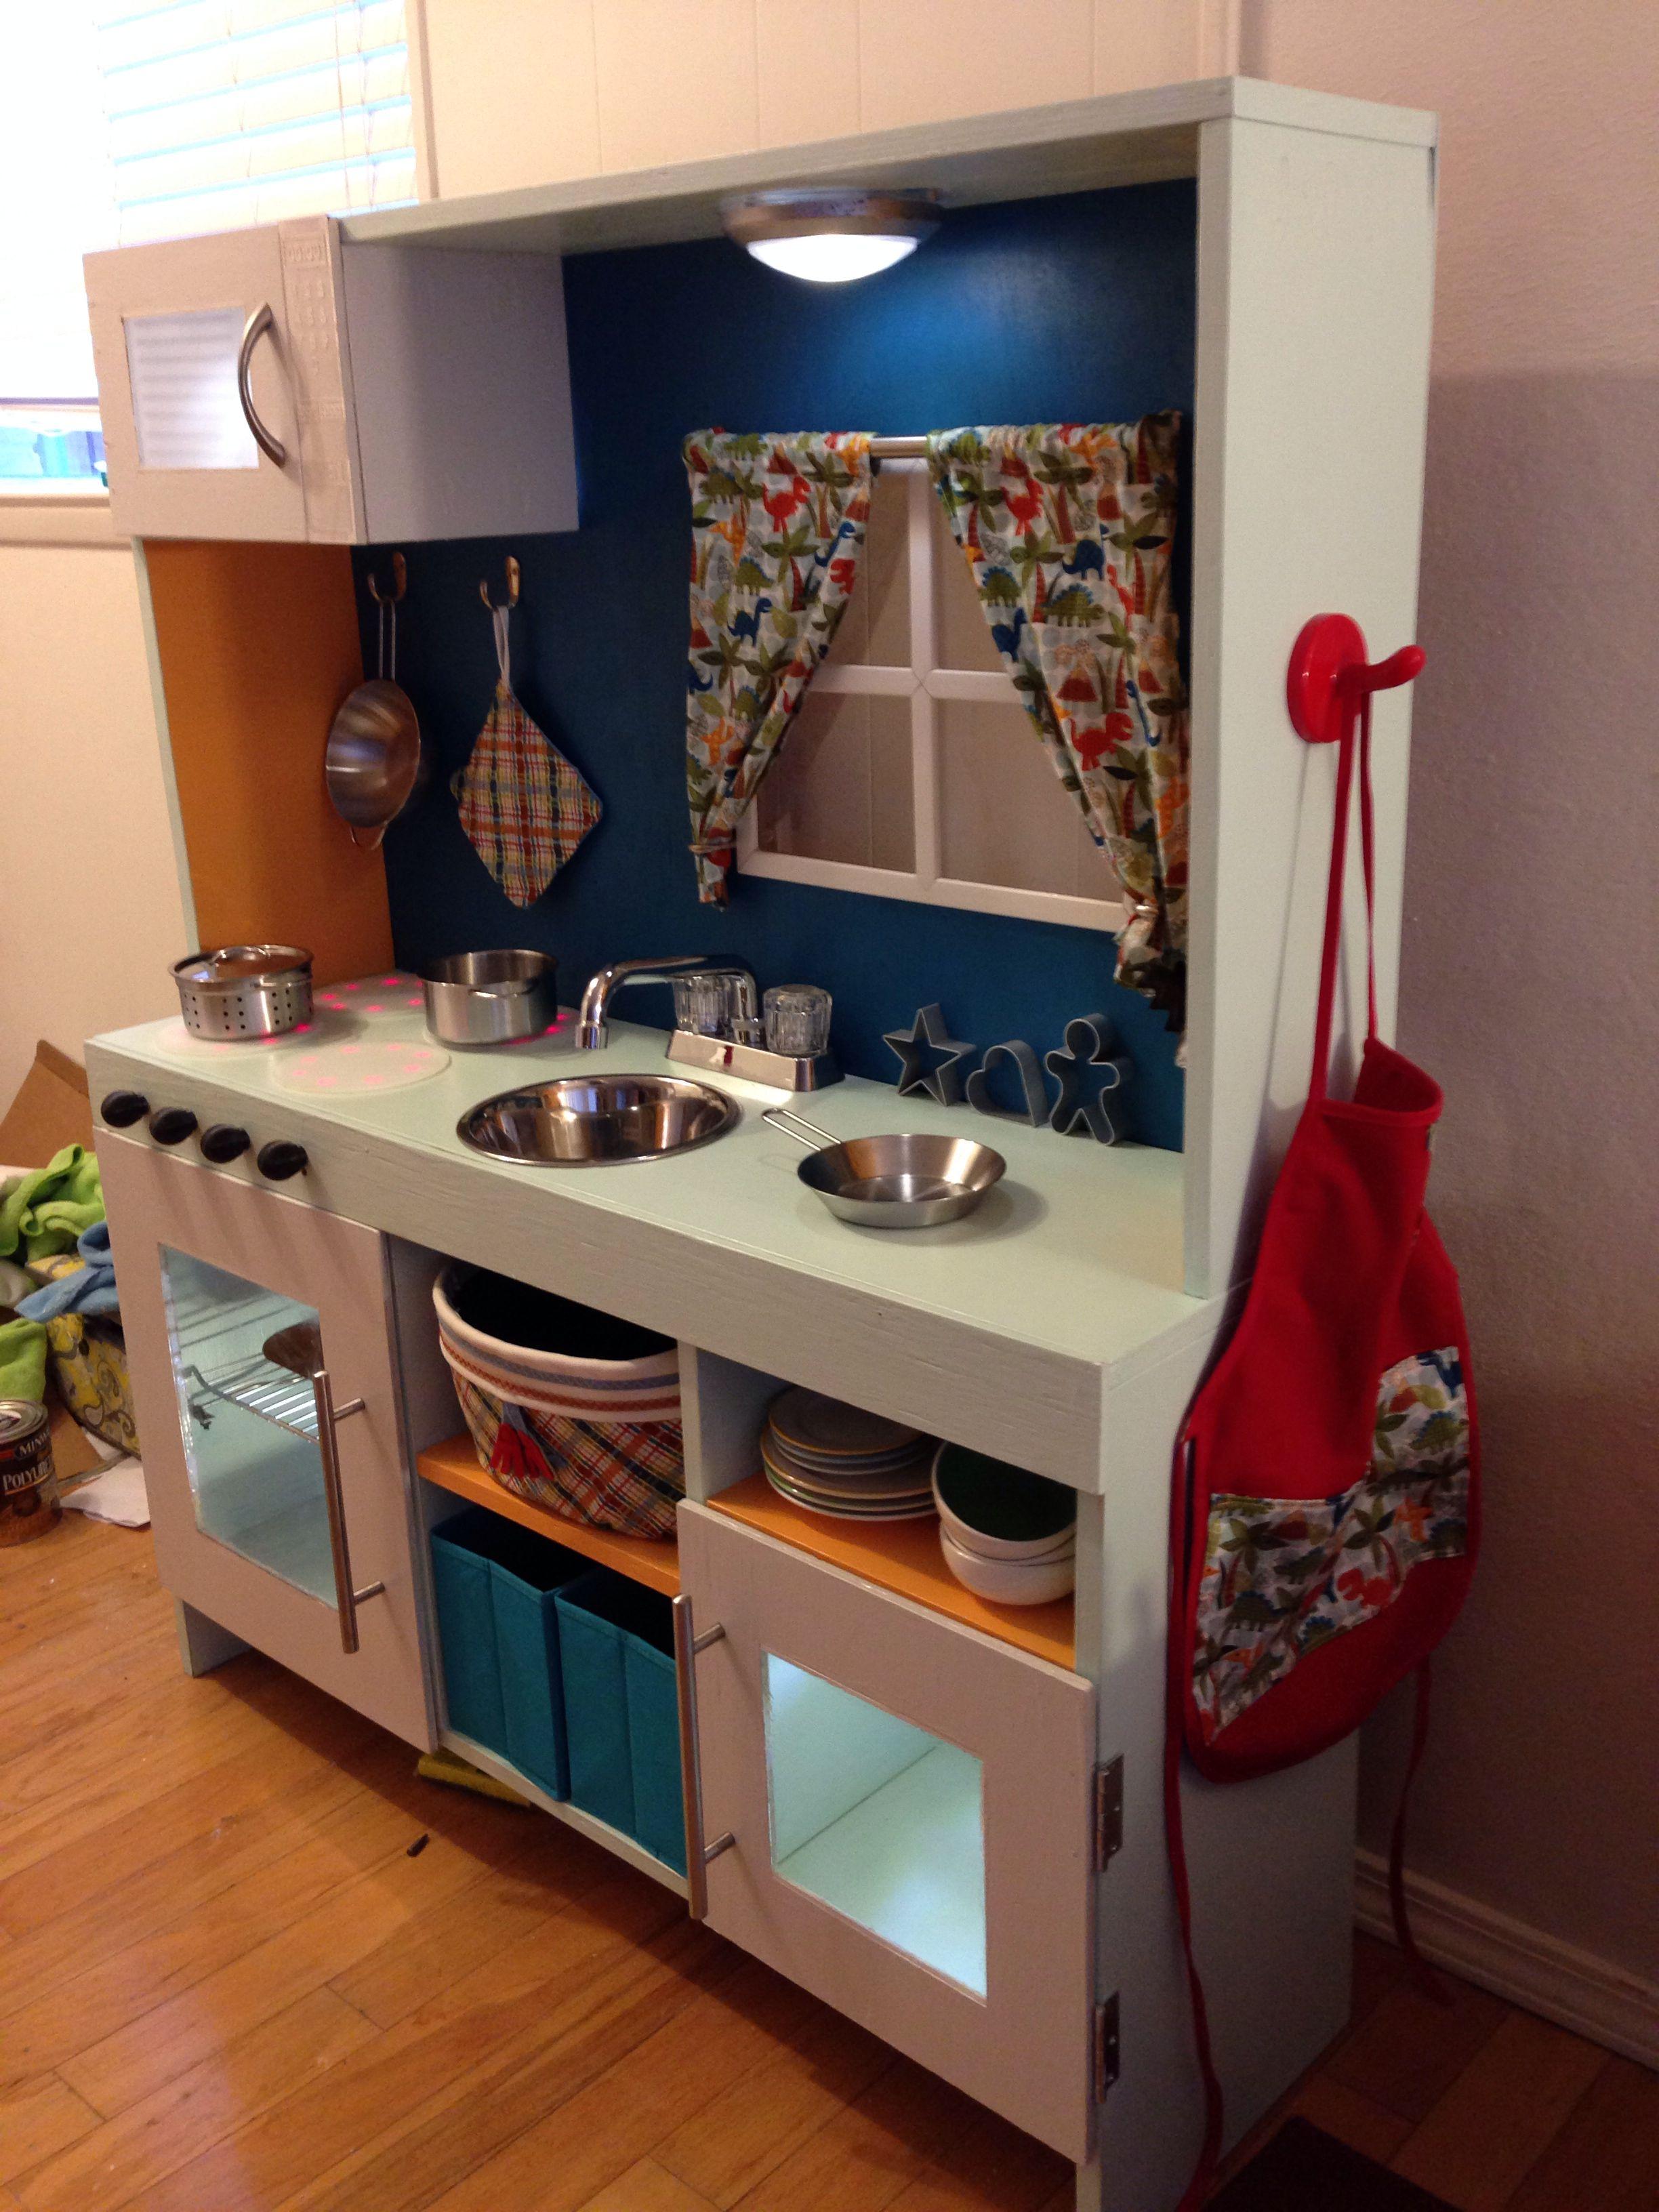 Play kitchen DIY | Diy play kitchen, Kids play kitchen, Diy ...